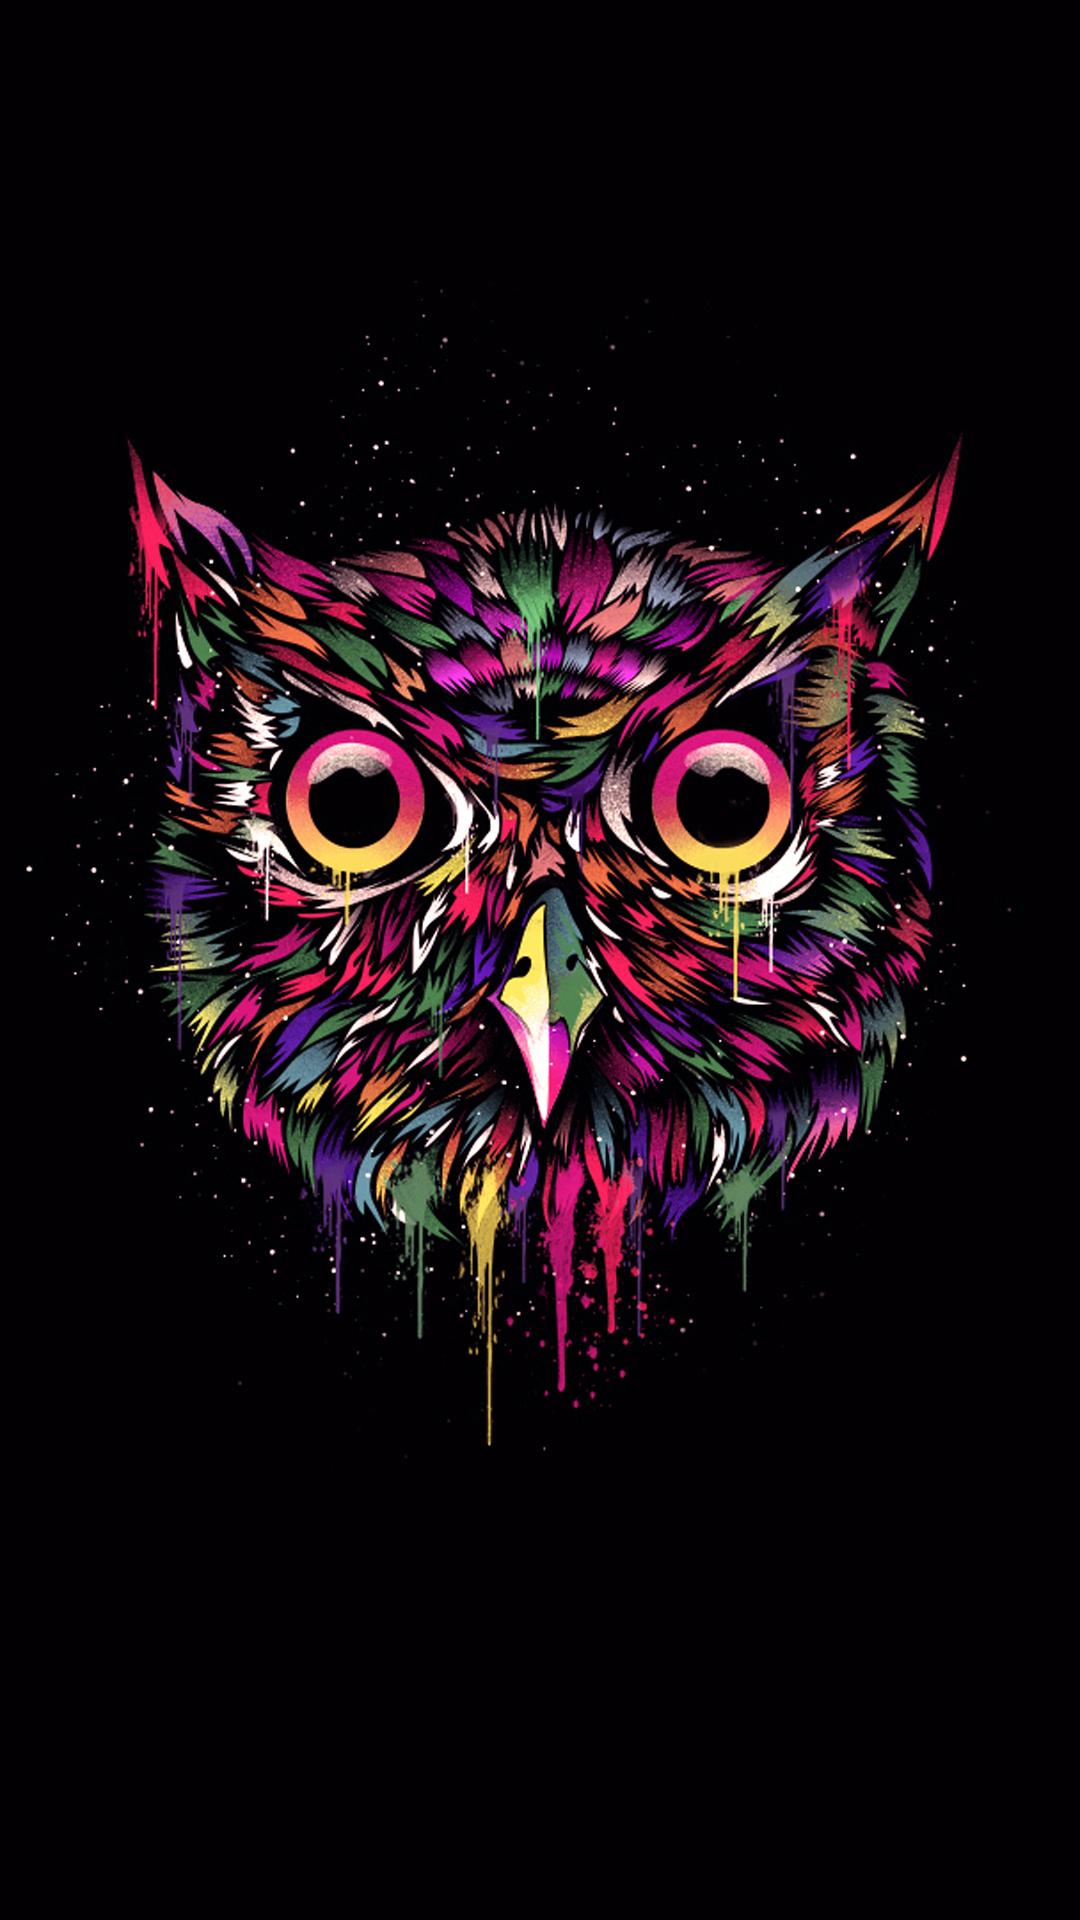 iPhone wallpaper owl colors 3Wallpapers : notre sélection de fonds d'écran du 15/02/2018